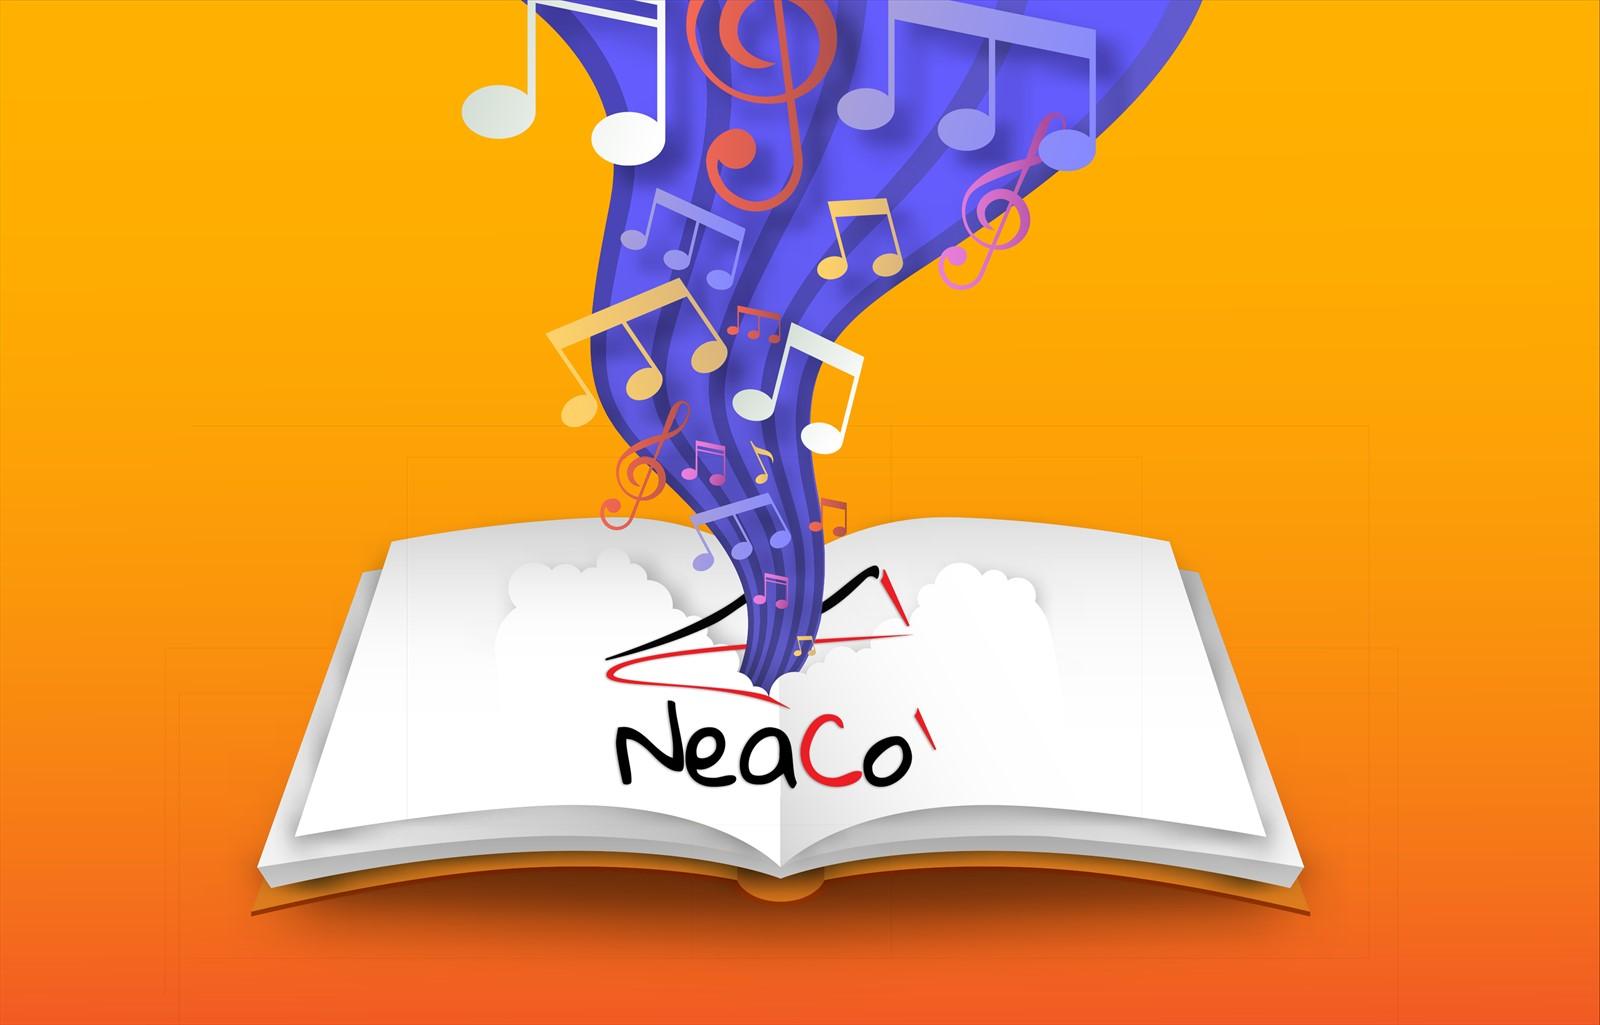 Il progetto NeaCo' diventa materia di studio